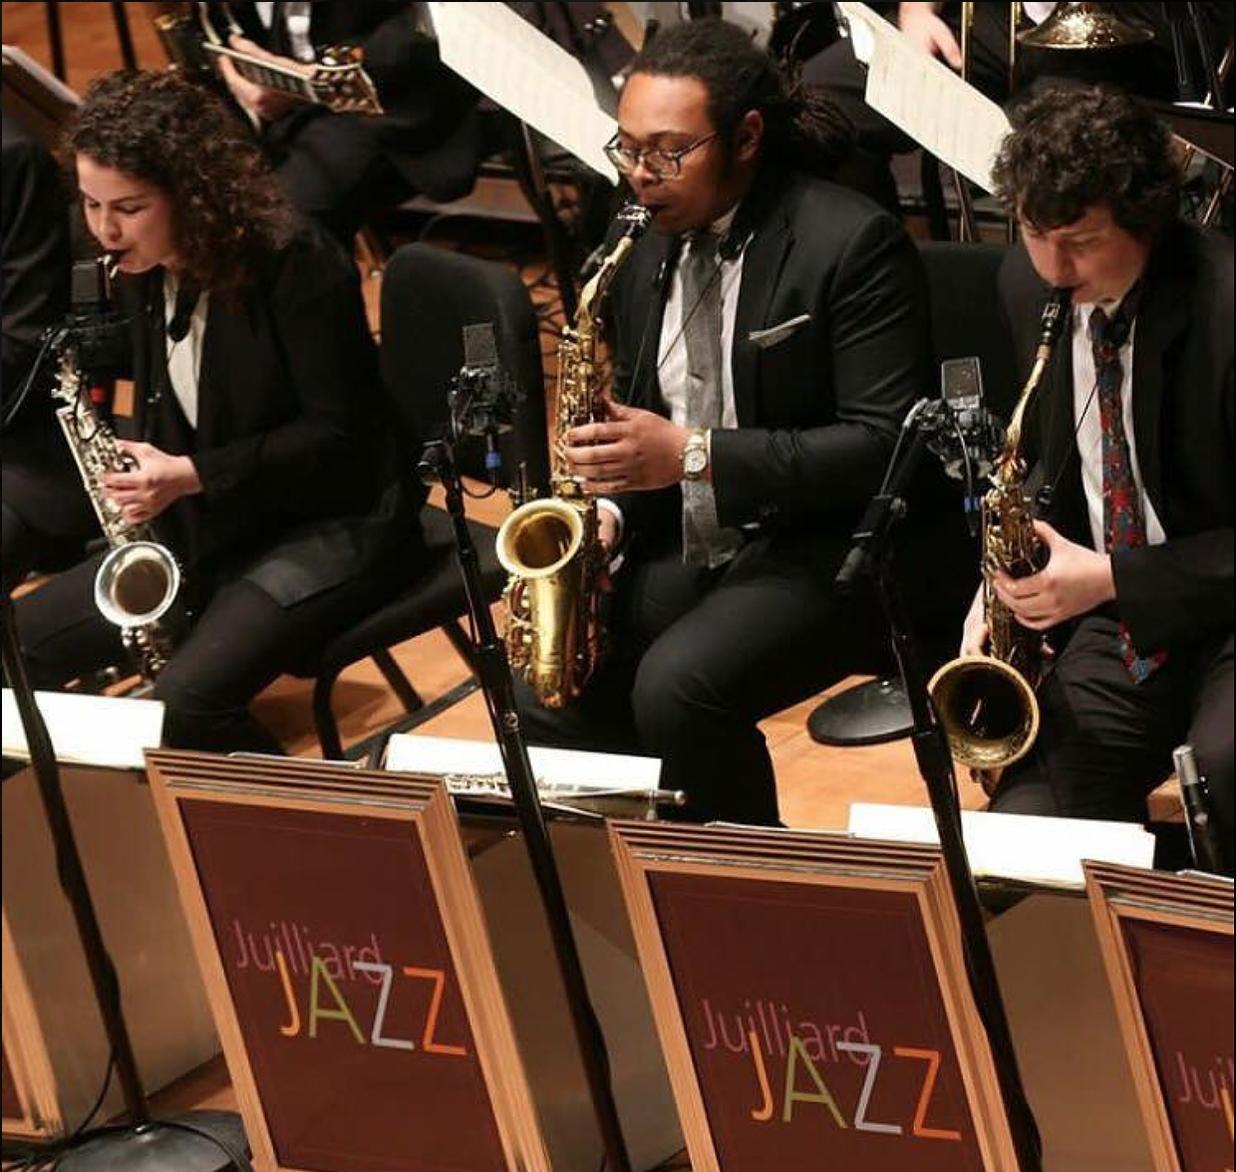 Juilliard, Jazz